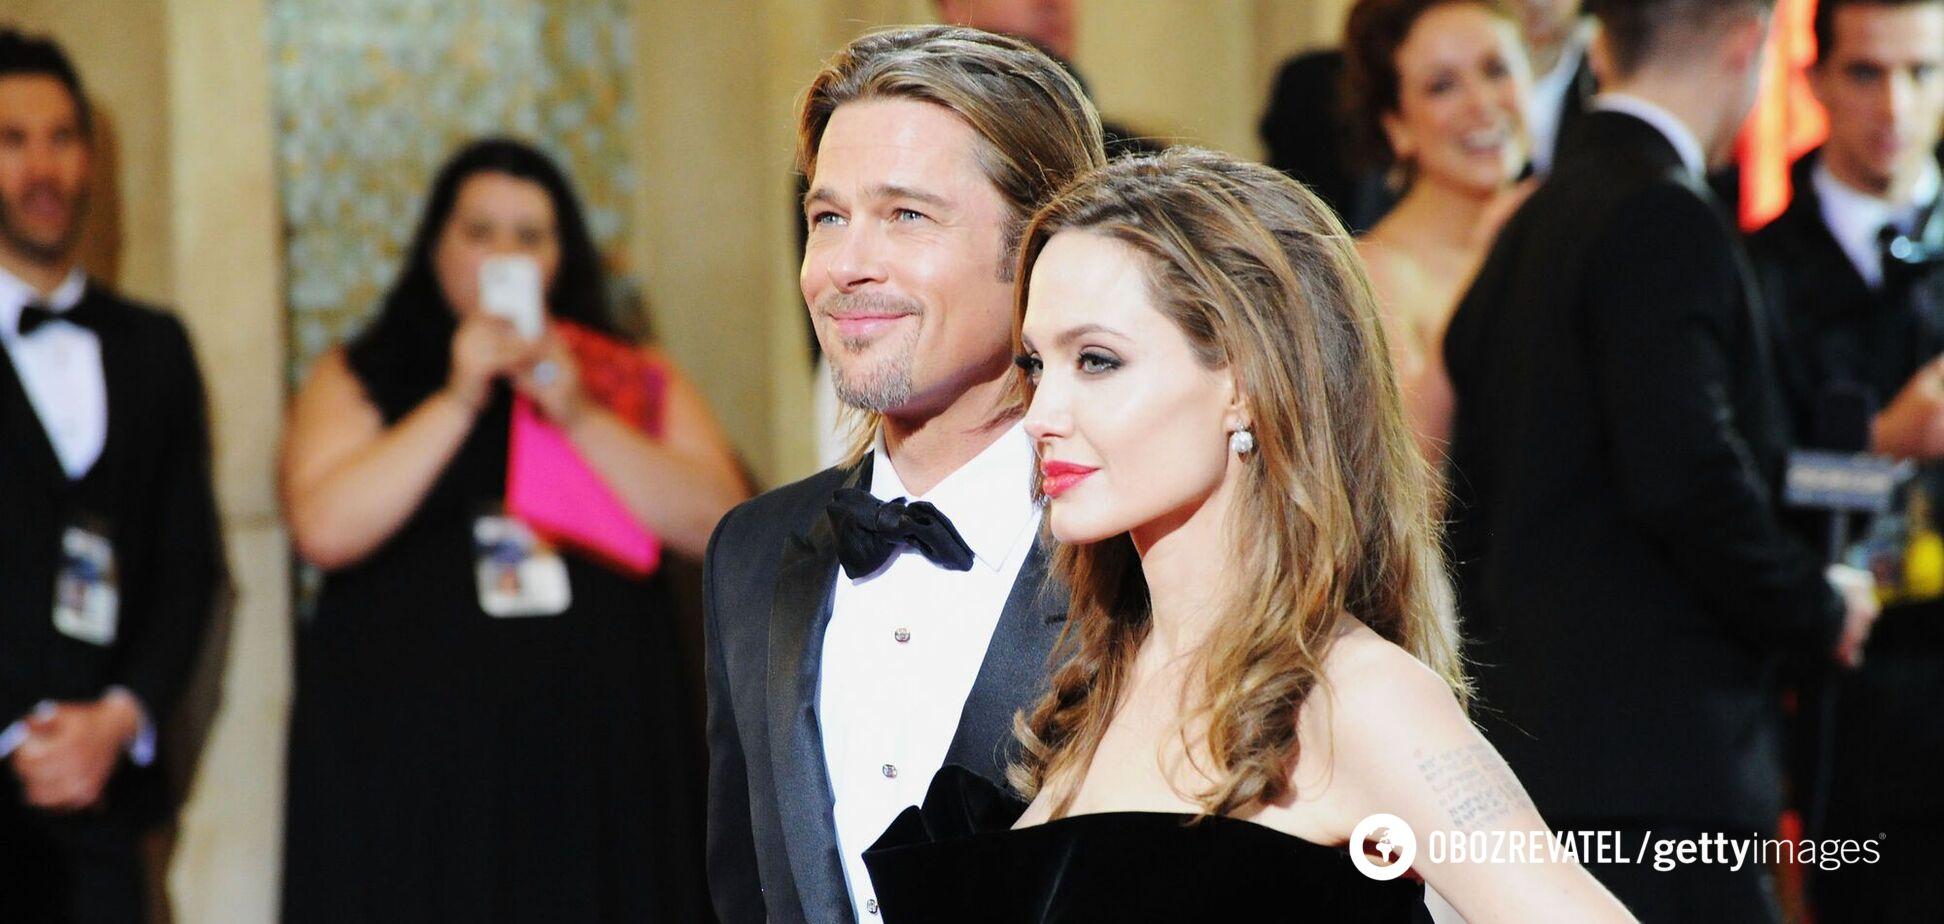 Джолі розповіла, як розлучення з Піттом вплинуло на її кар'єру